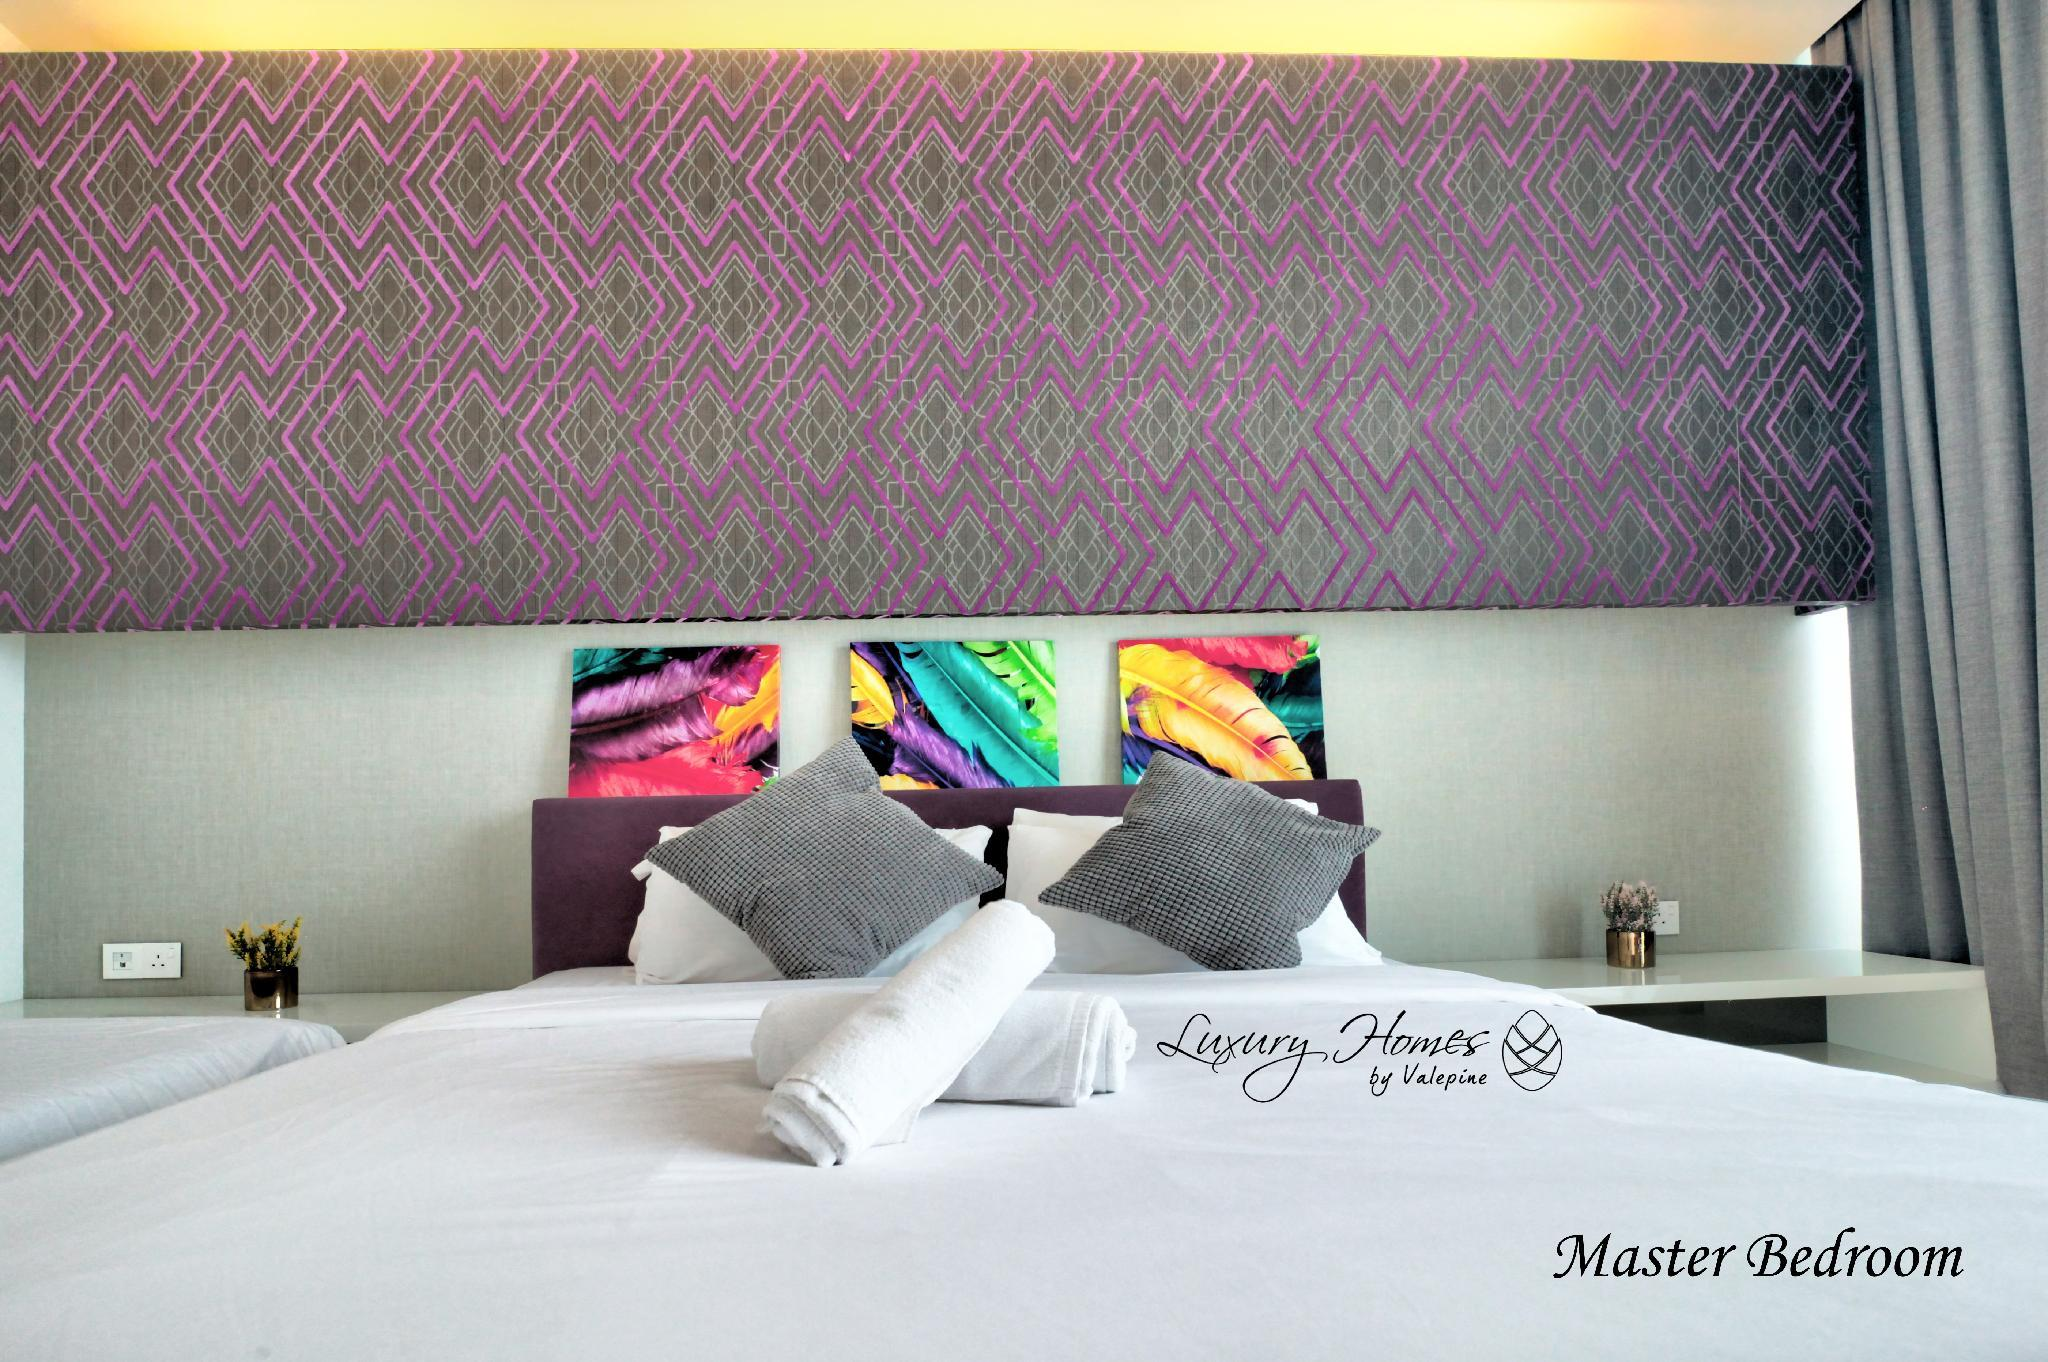 2 Bedroom Superior Suite At Platinum Suites KLCC